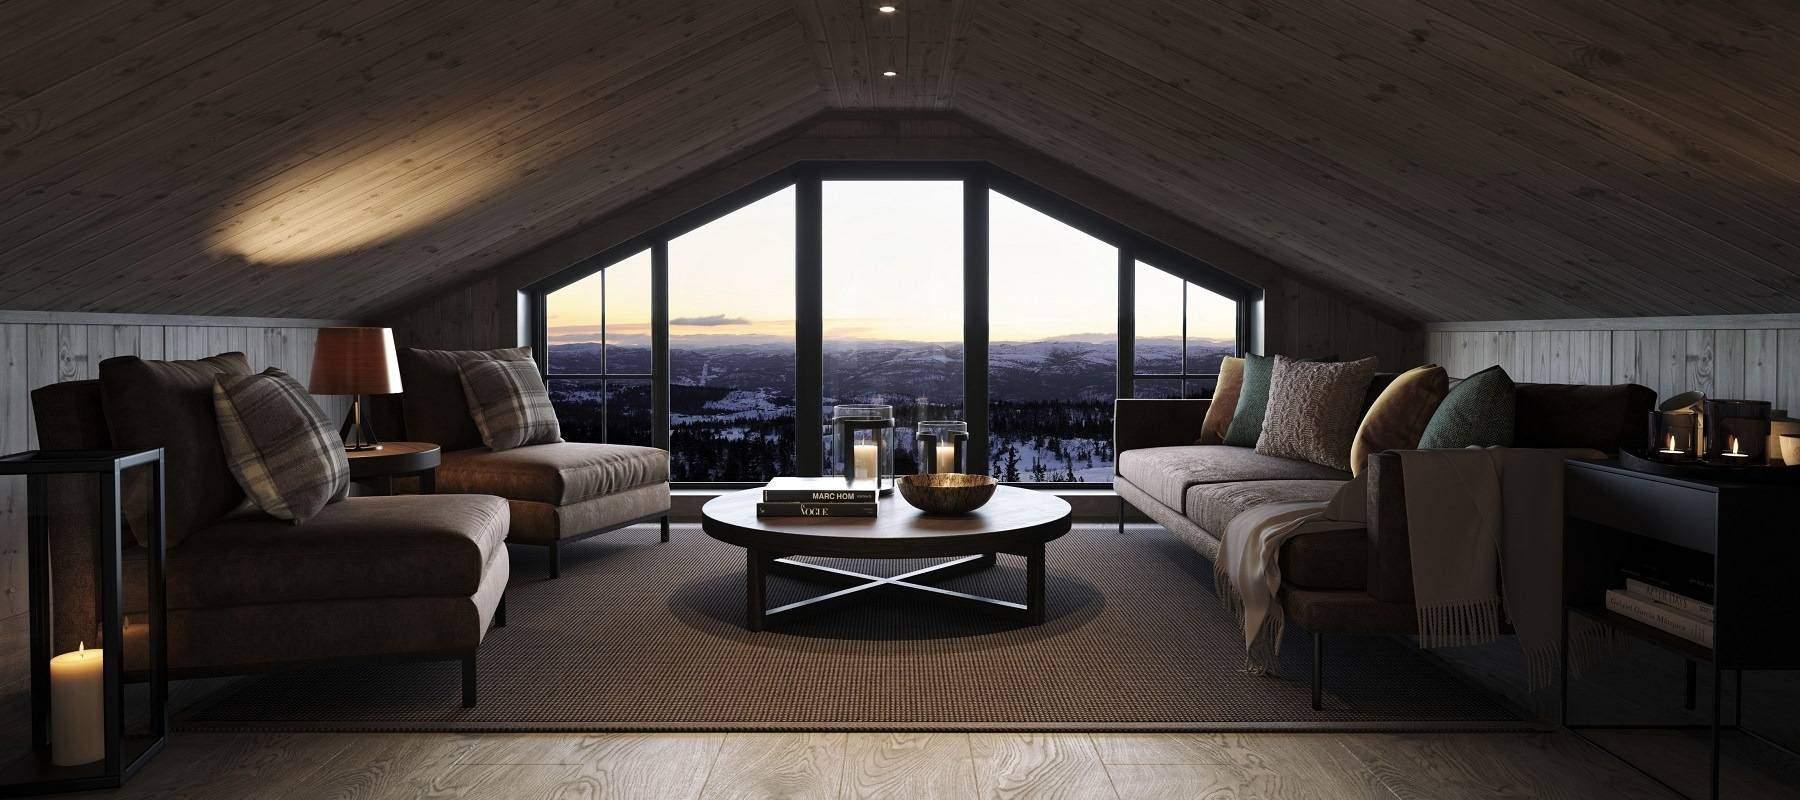 40 Geilo Hytteinspirasjon – Interiør hems Tiurtoppen Hytter